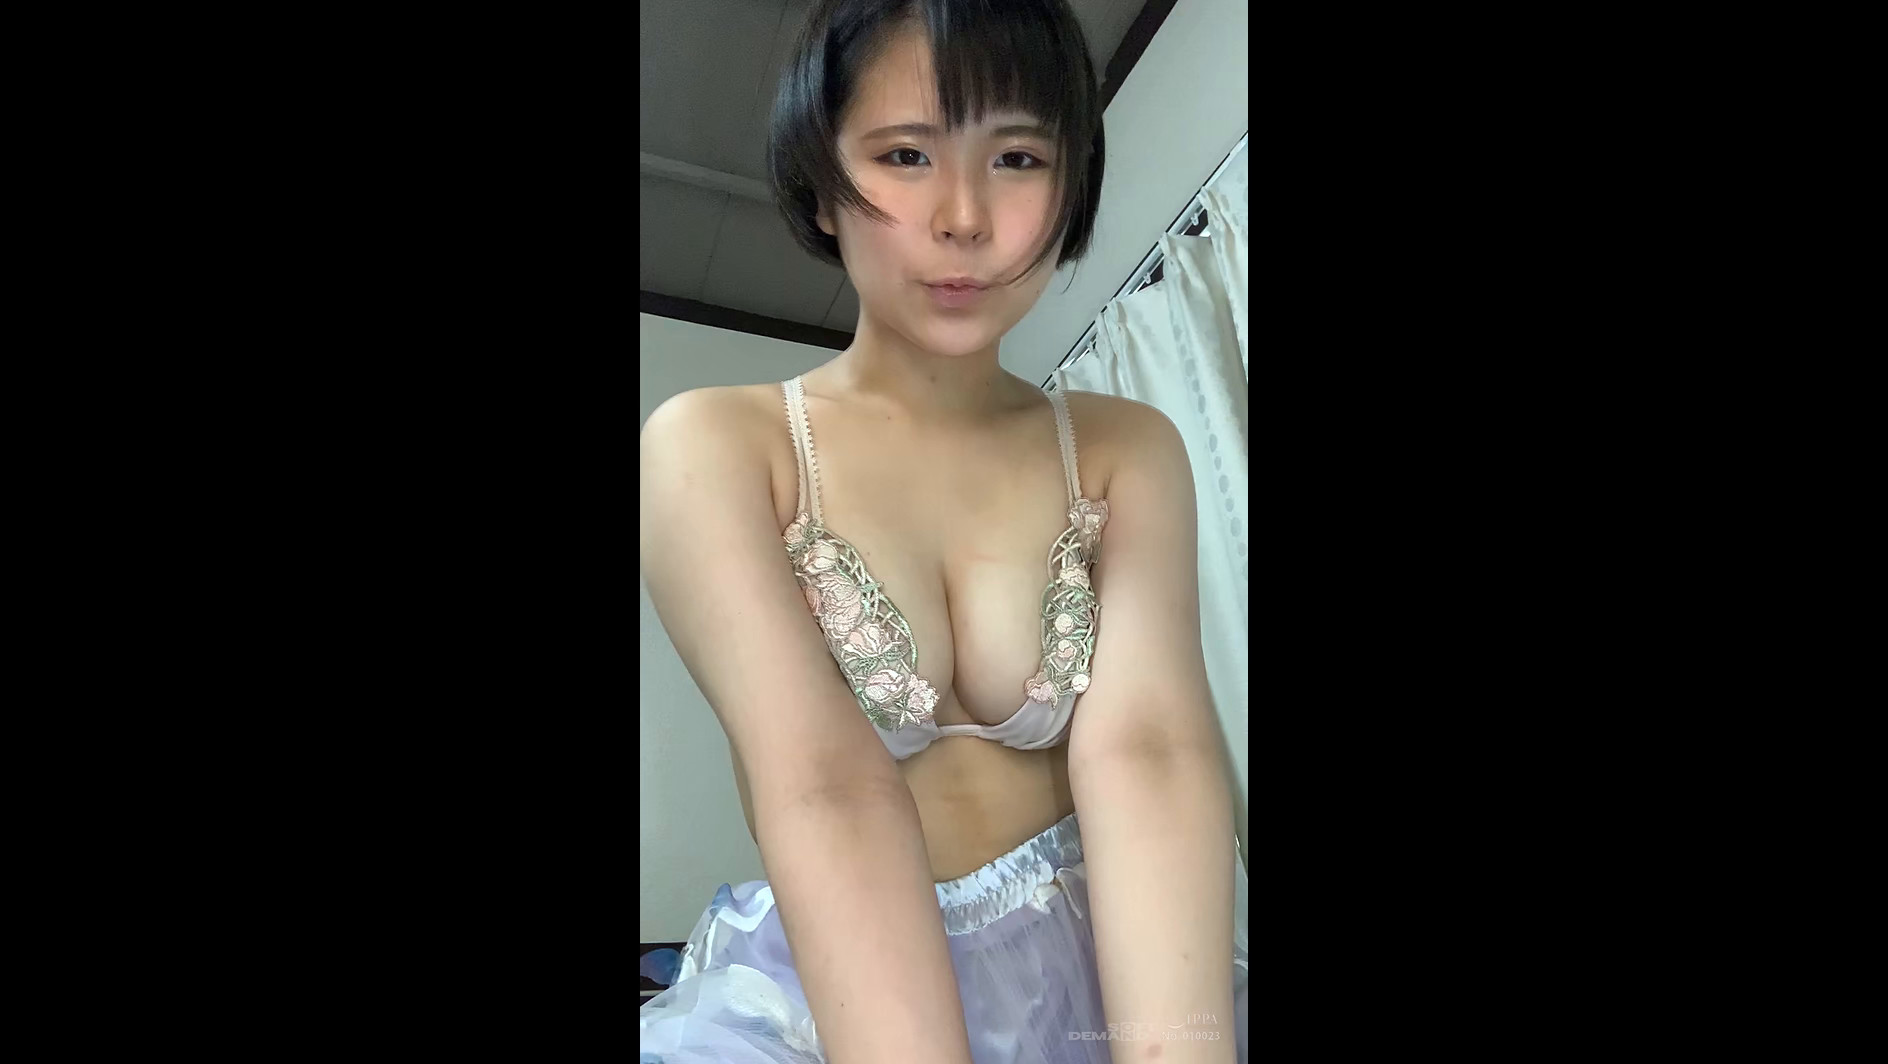 ビデオ通話エッチ JOI ゆり 【縦動画】 画像5